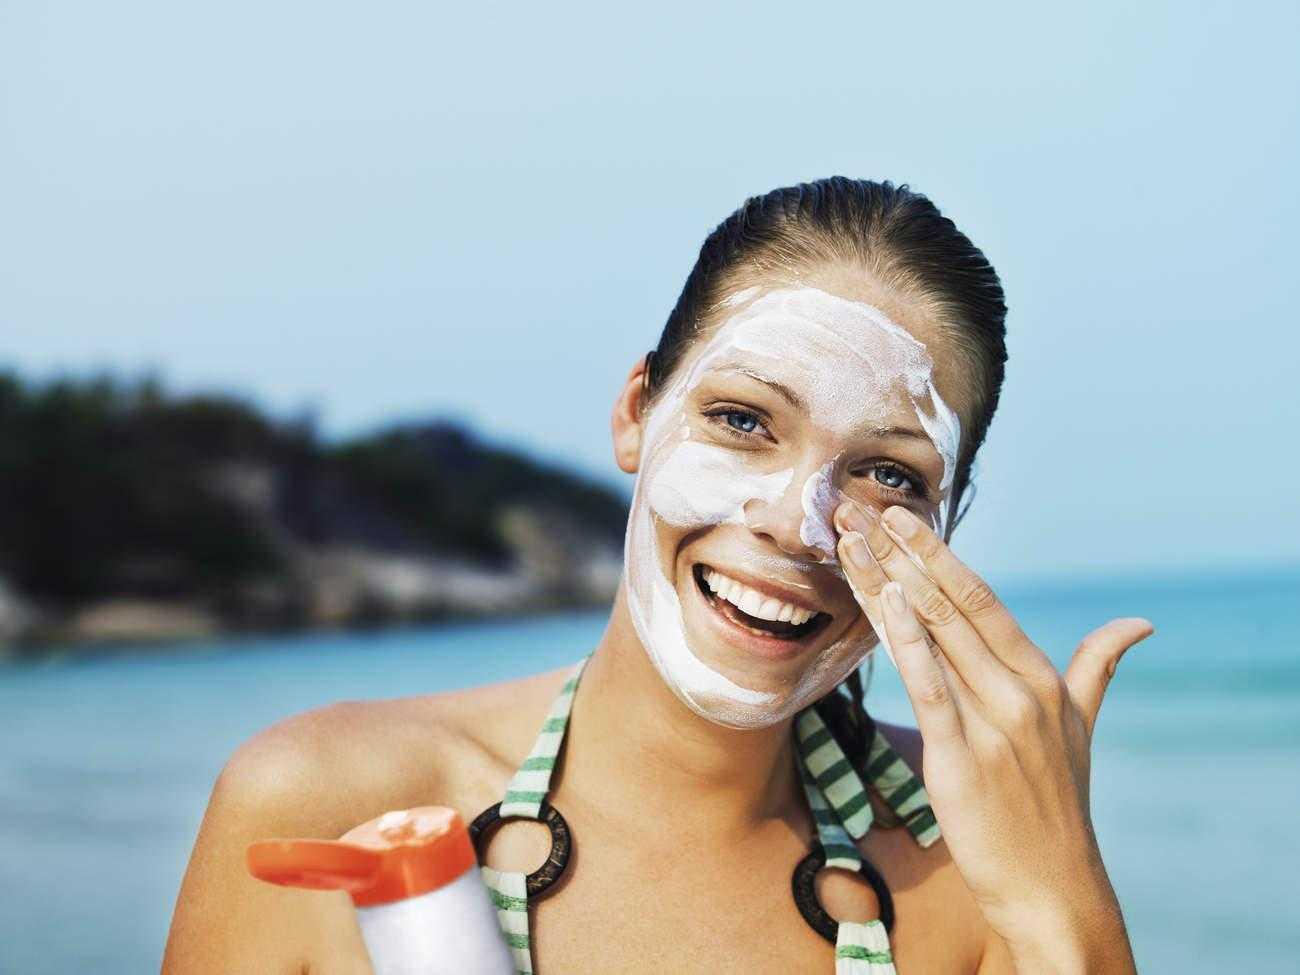 Как защитить кожу от солнца: 4 совета и обзор солнцезащитных средств la roche-posay